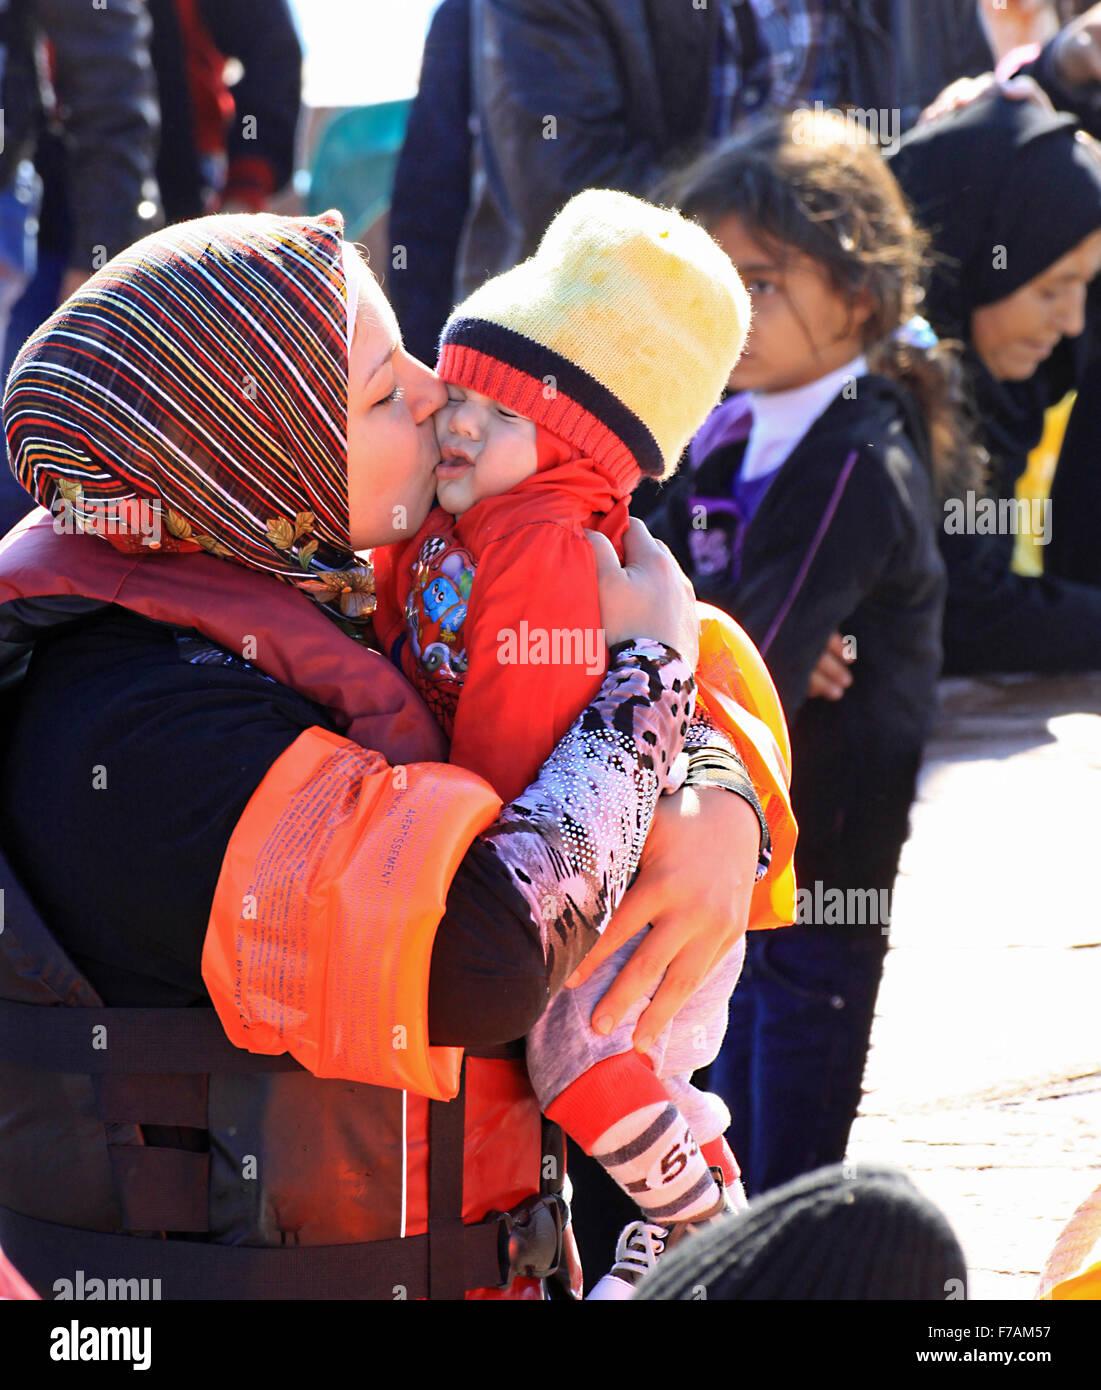 Los refugiados e inmigrantes llegan a la familia Molyvos en la isla de Lesbos en Grecia después de huir de la guerra Foto de stock